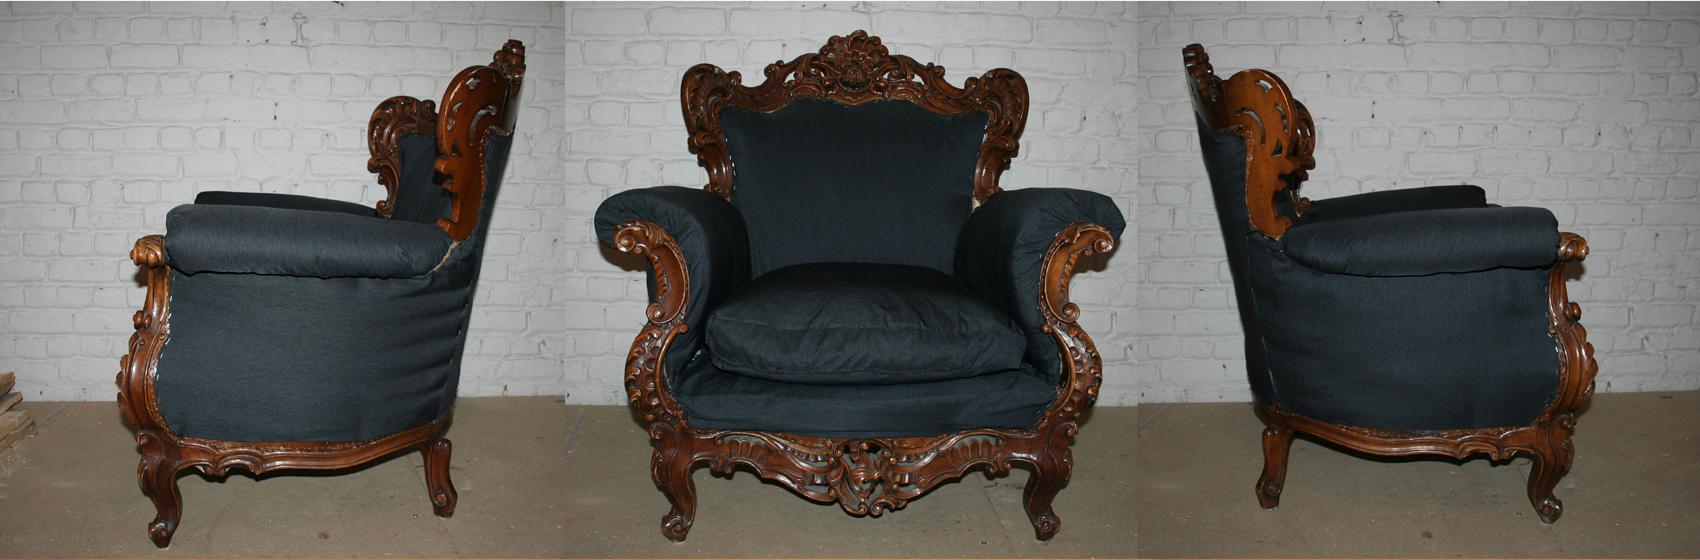 arkendai-fauteuil-etape3-1700